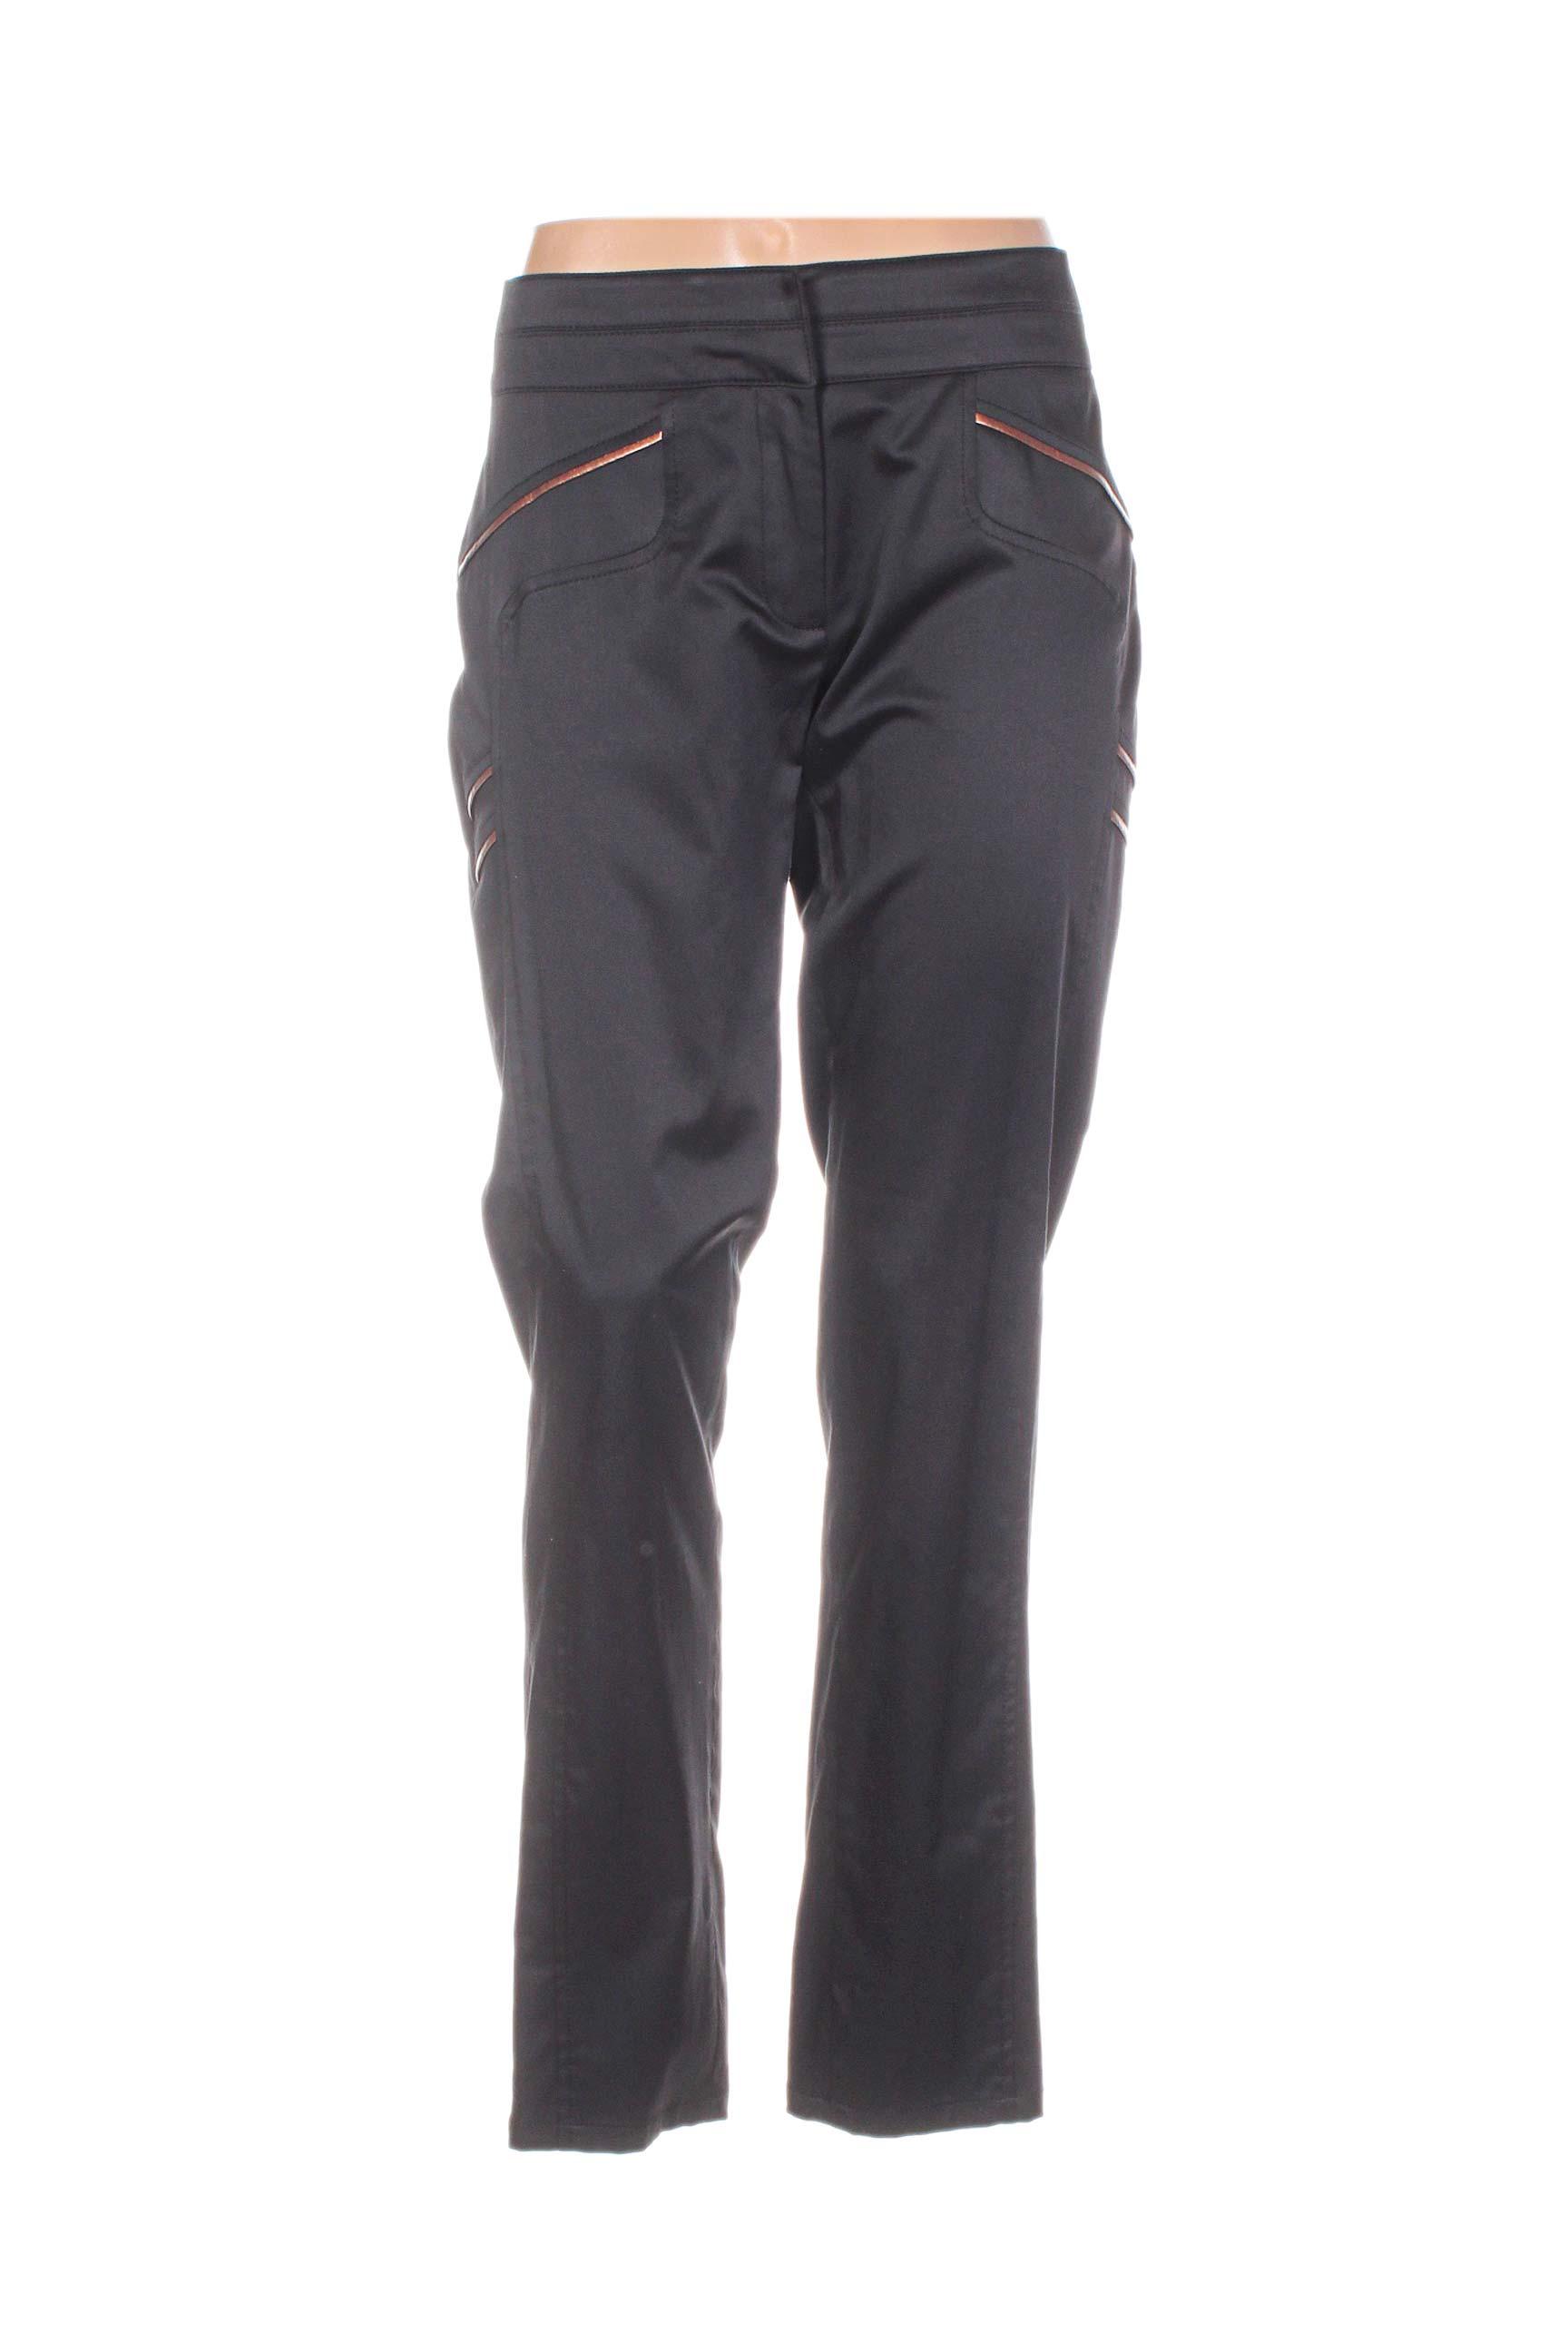 Bleu Blanc Rouge Pantalons Citadins Femme De Couleur Noir En Soldes Pas Cher 1093909-noir00